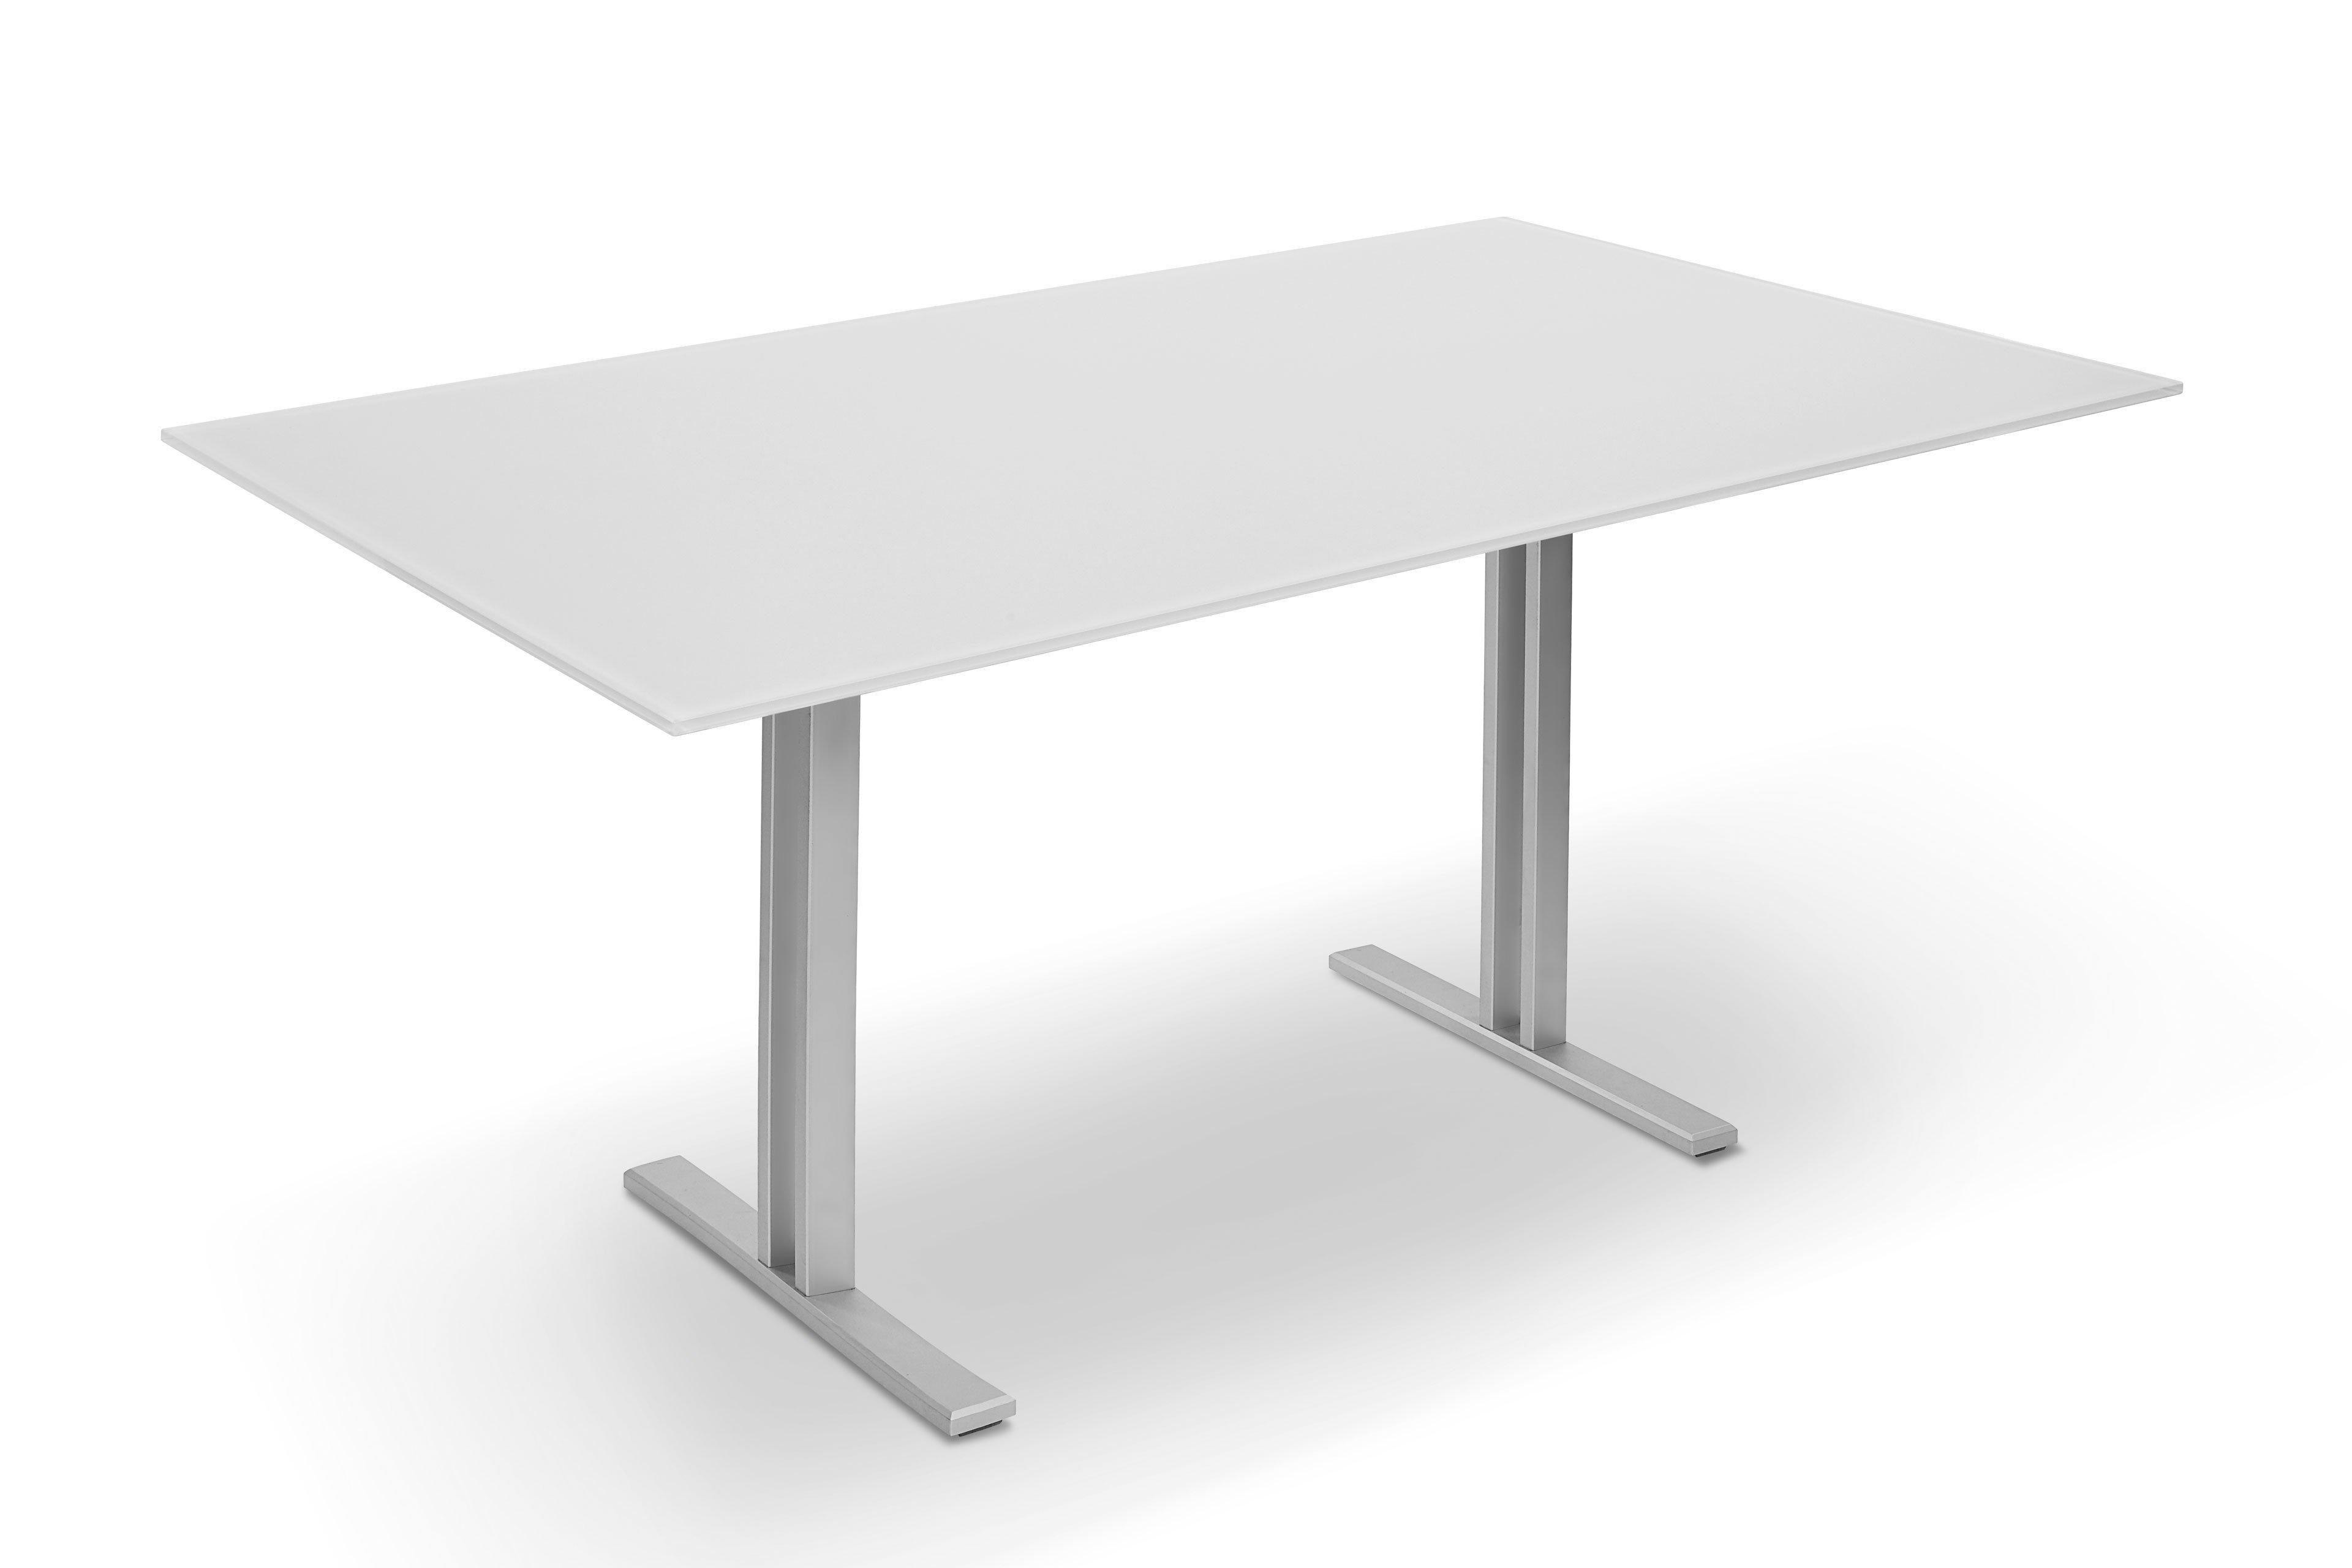 esstisch maxi p 4810 e glas reinwei von ronald schmitt m bel letz ihr online shop. Black Bedroom Furniture Sets. Home Design Ideas